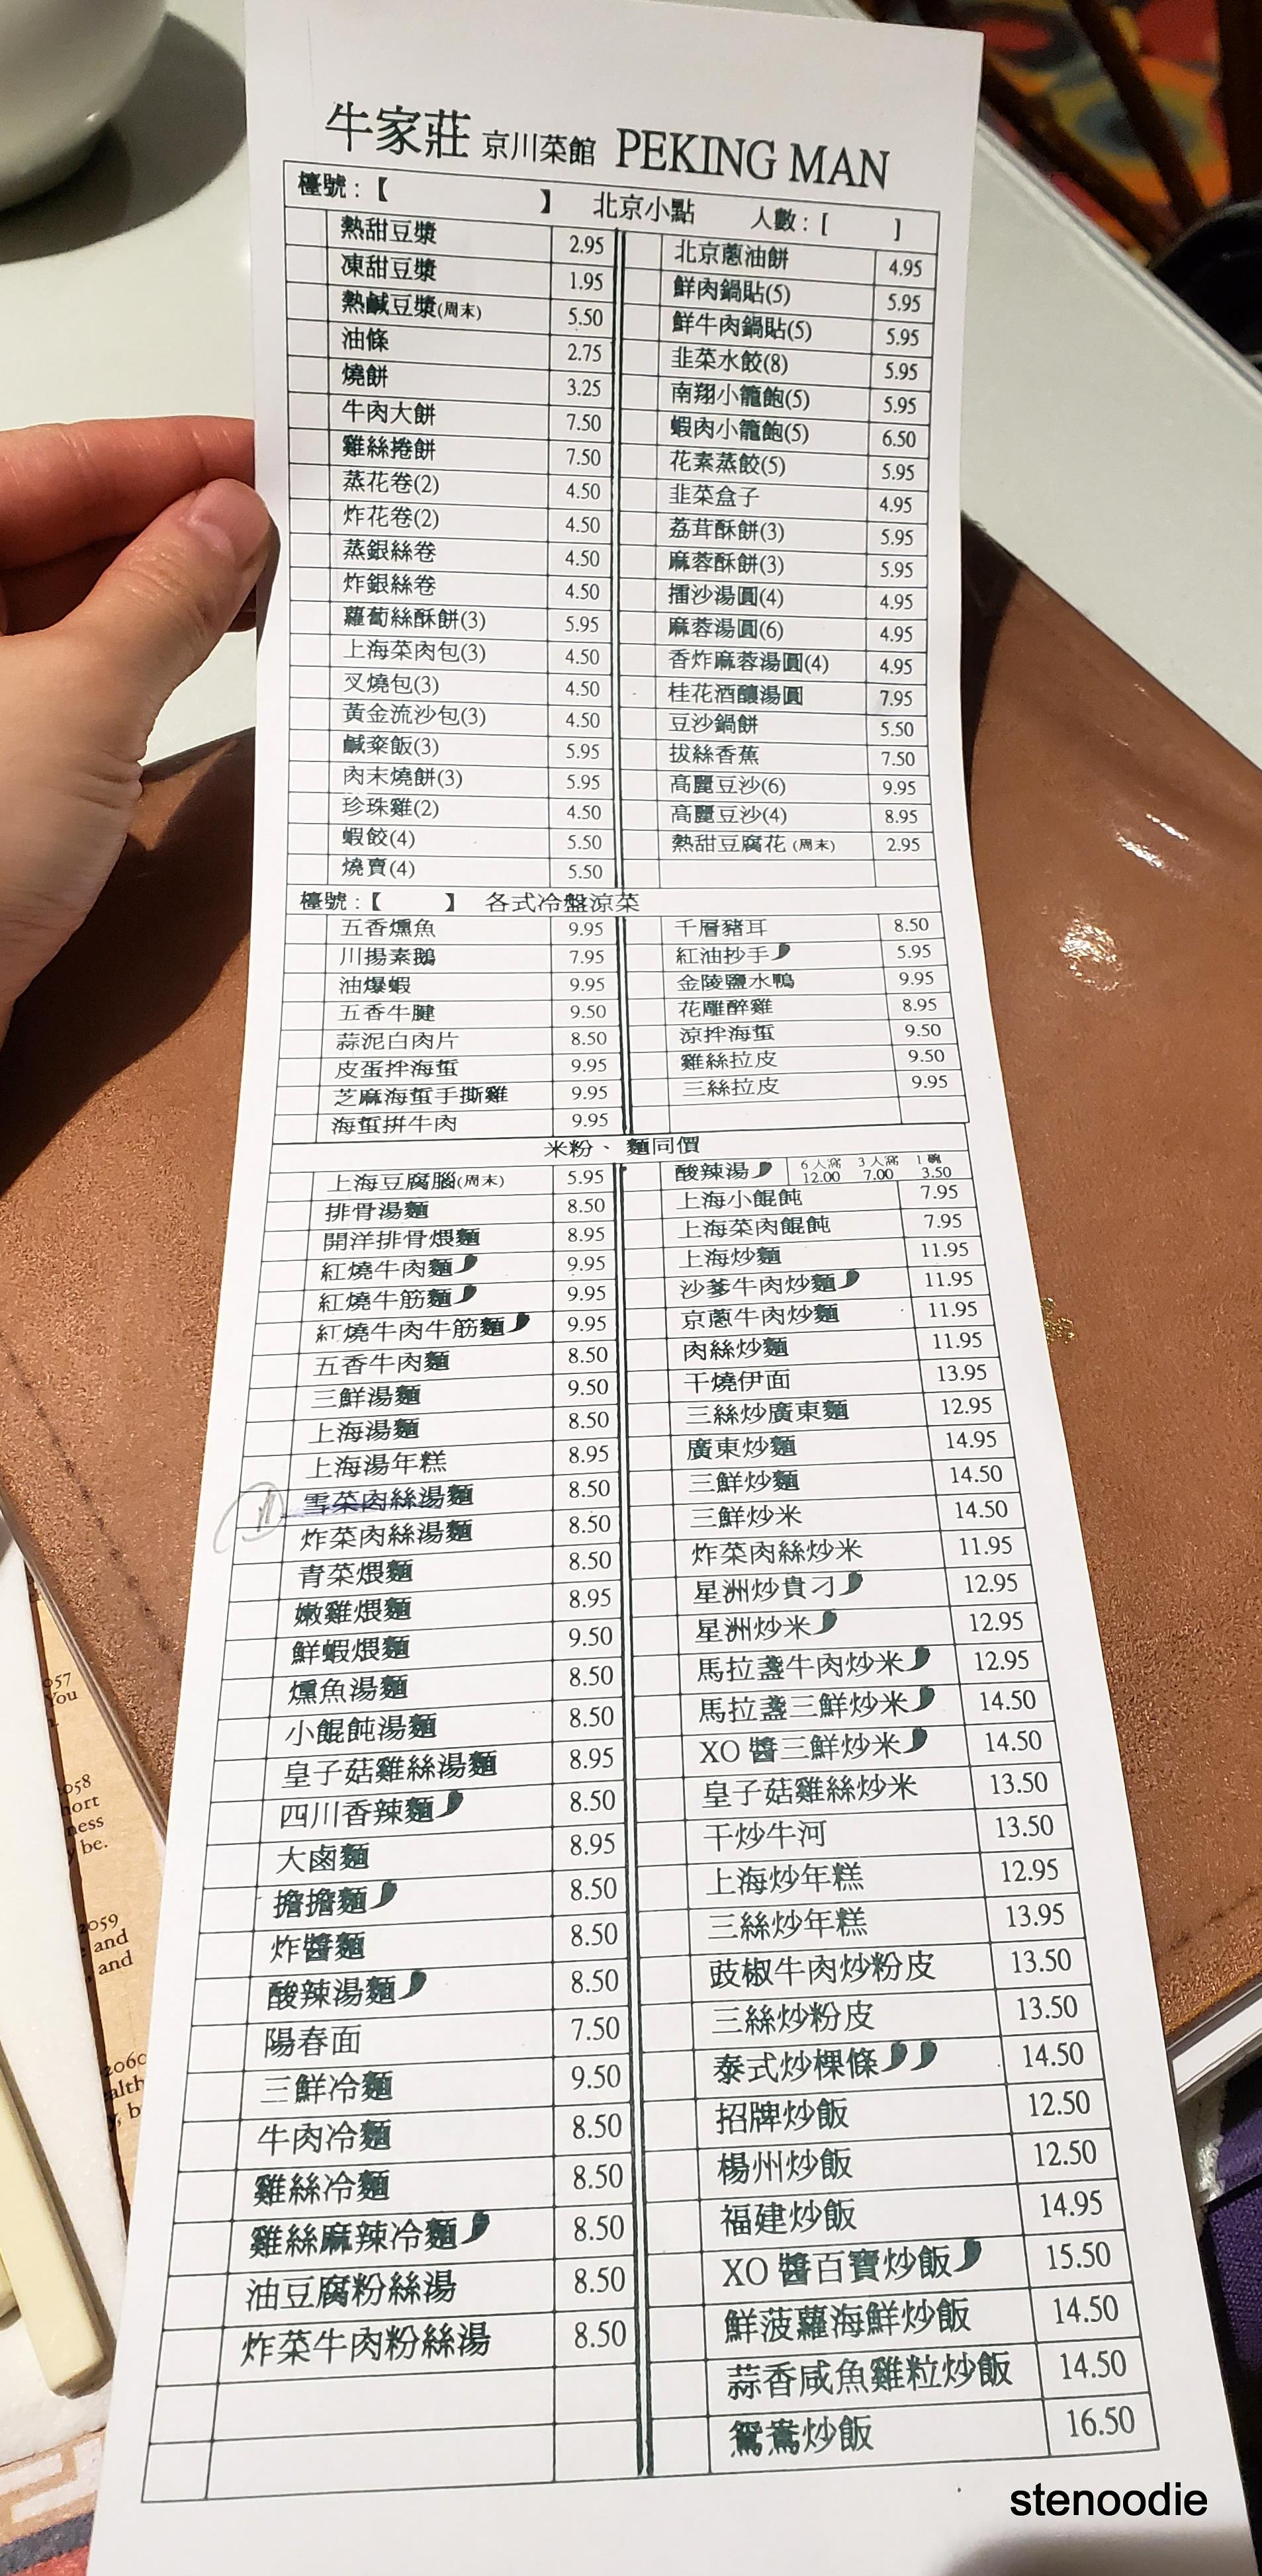 Peking Man Restaurant dim sum menu and prices